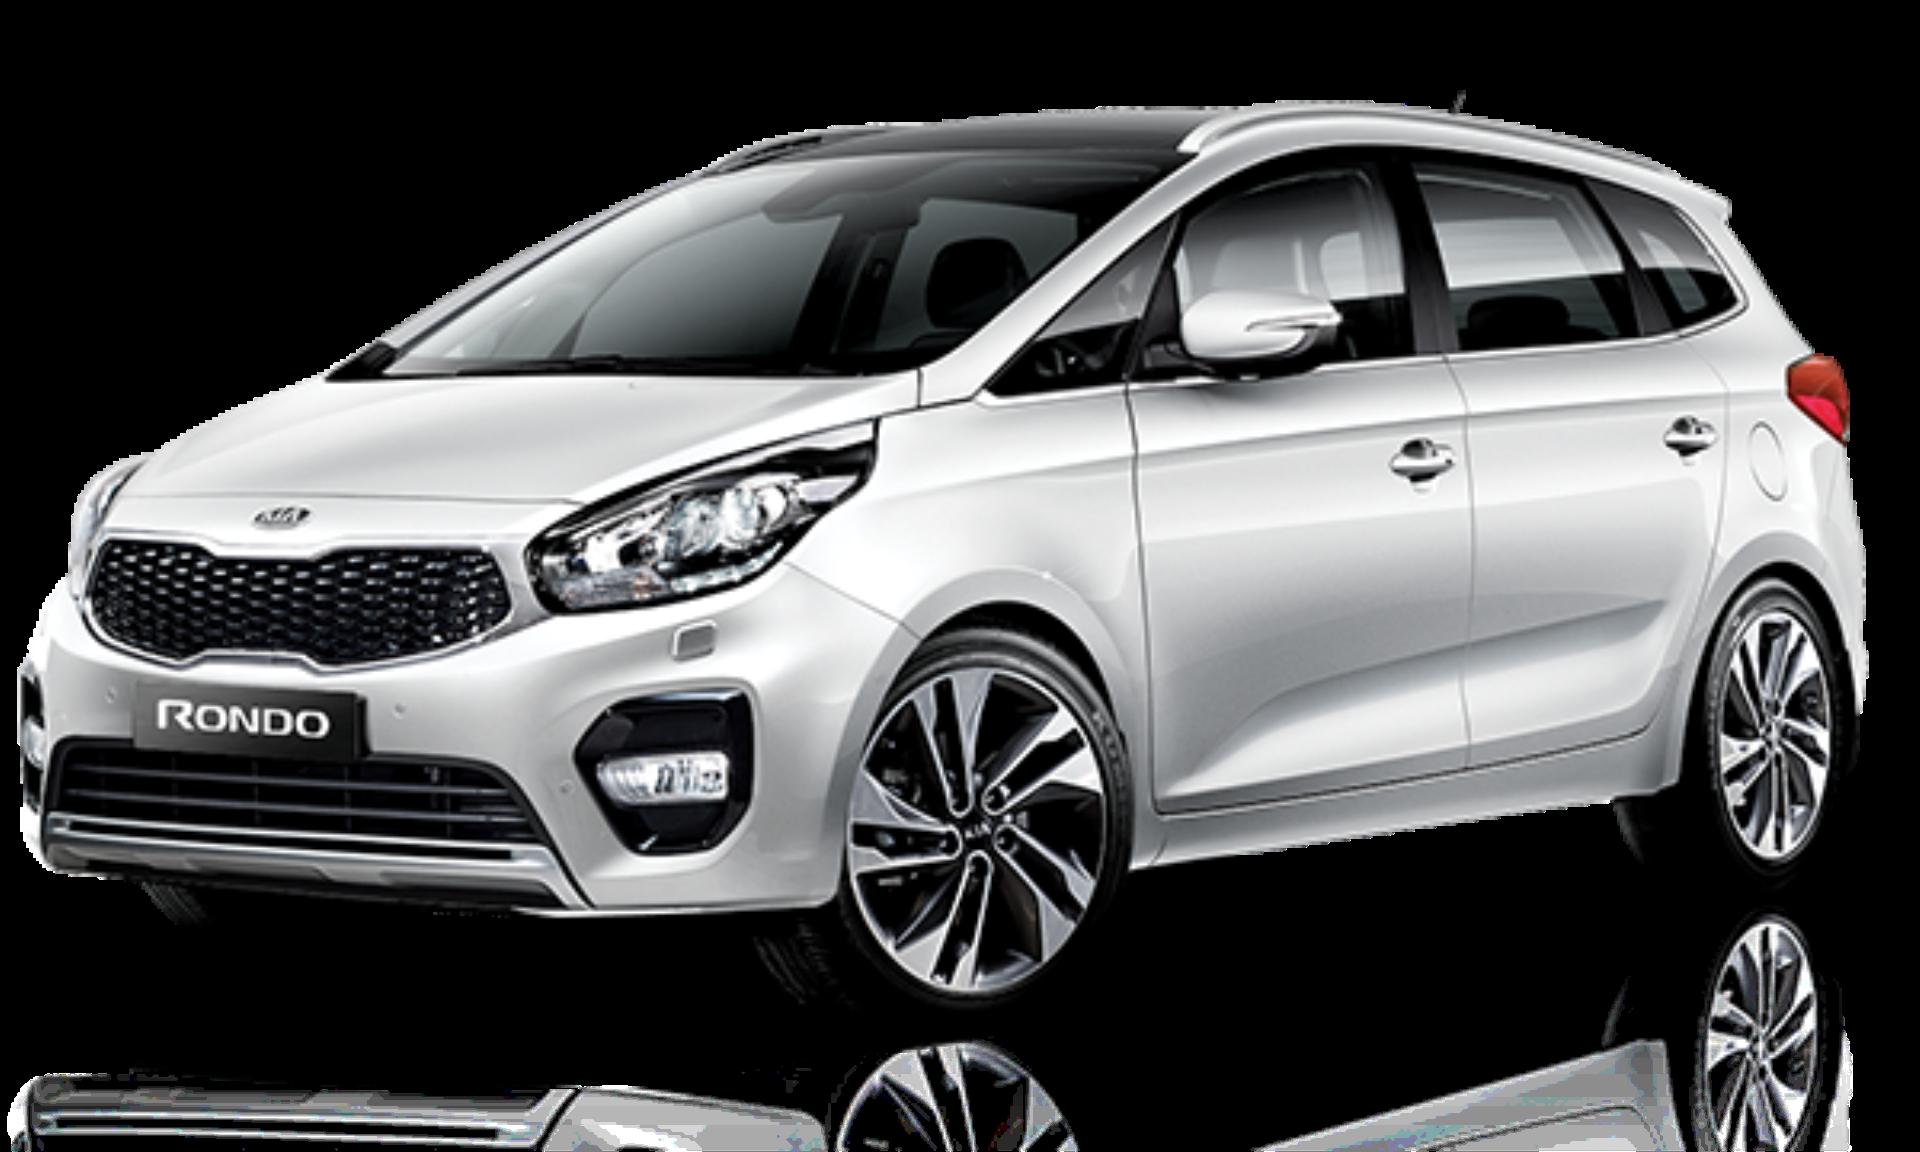 Bảo hiểm VCX ô tô cho xe ô tô Kia Rondo